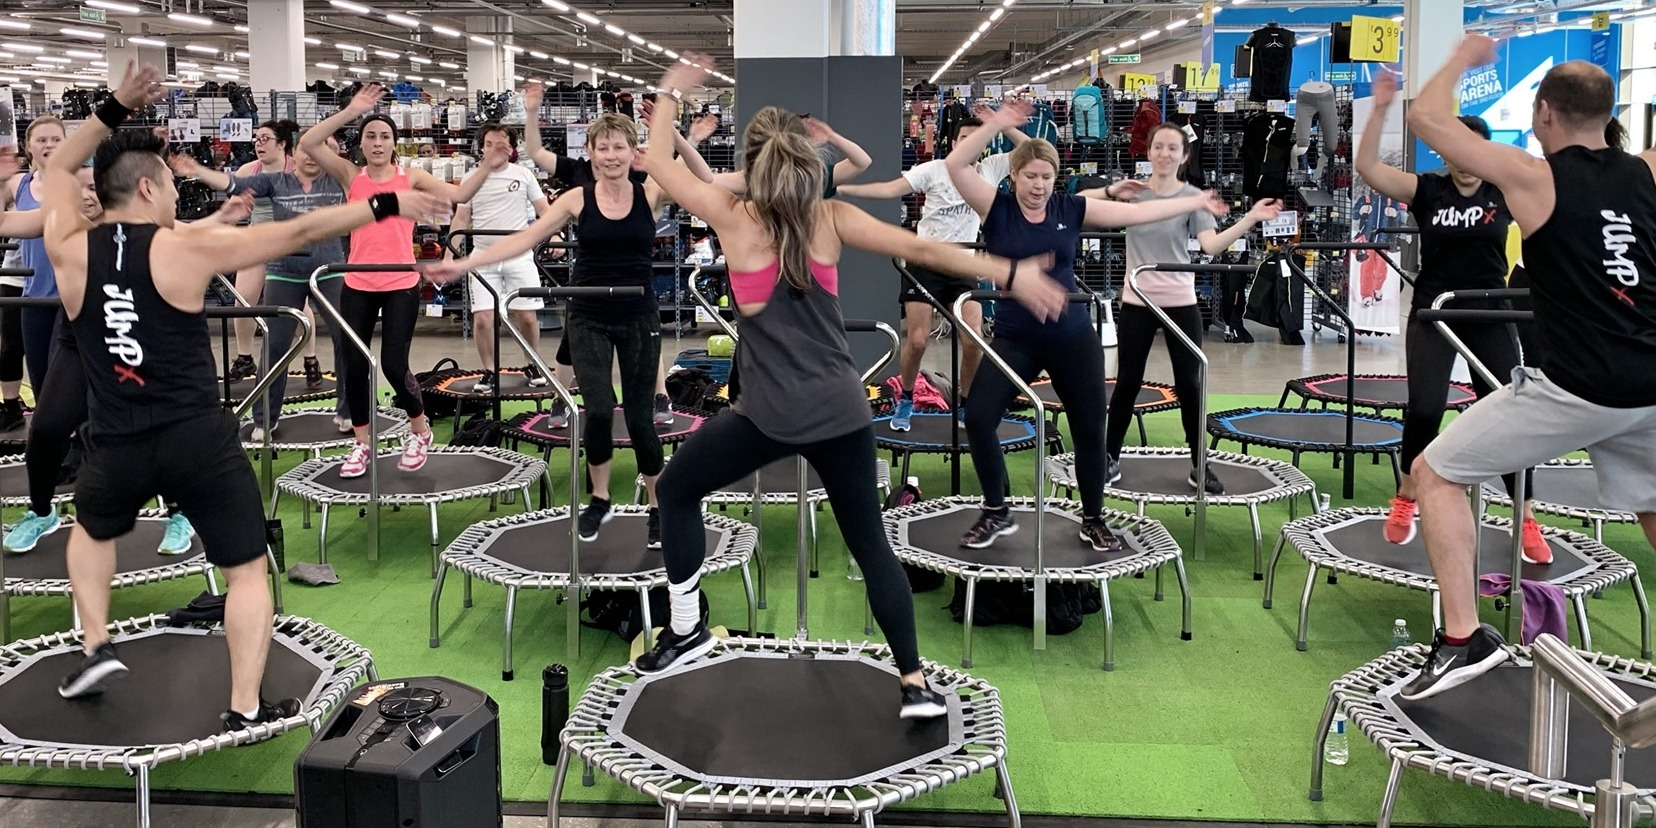 JumpX Fitness